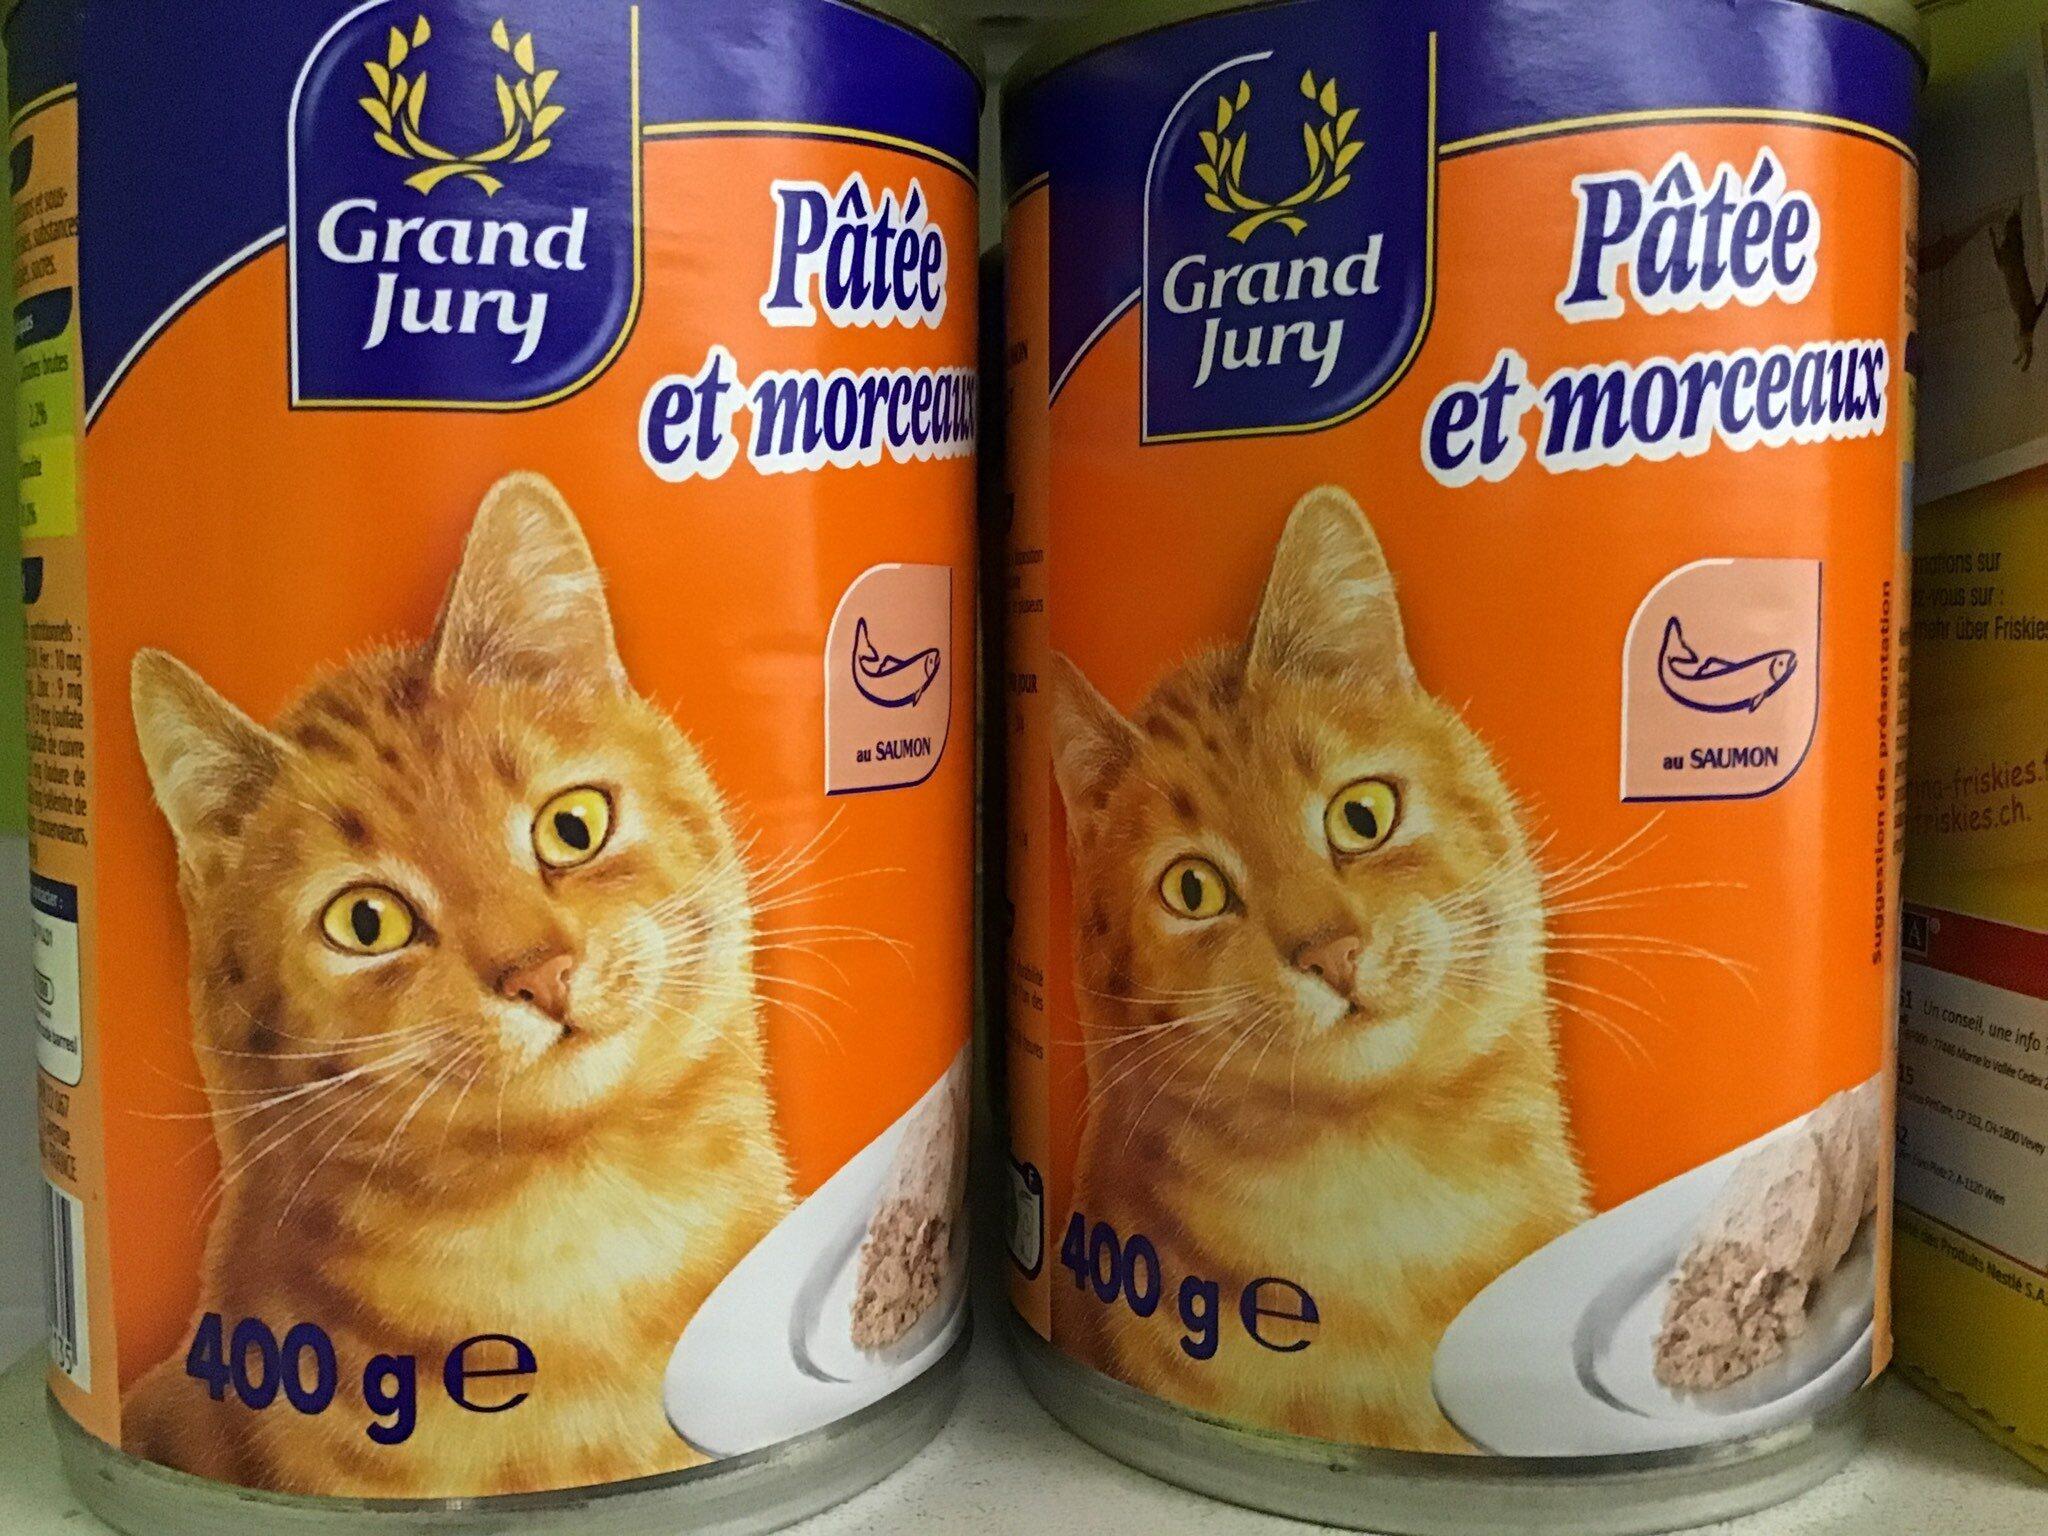 Pâtée et morceaux pour chat GDJ - Product - fr